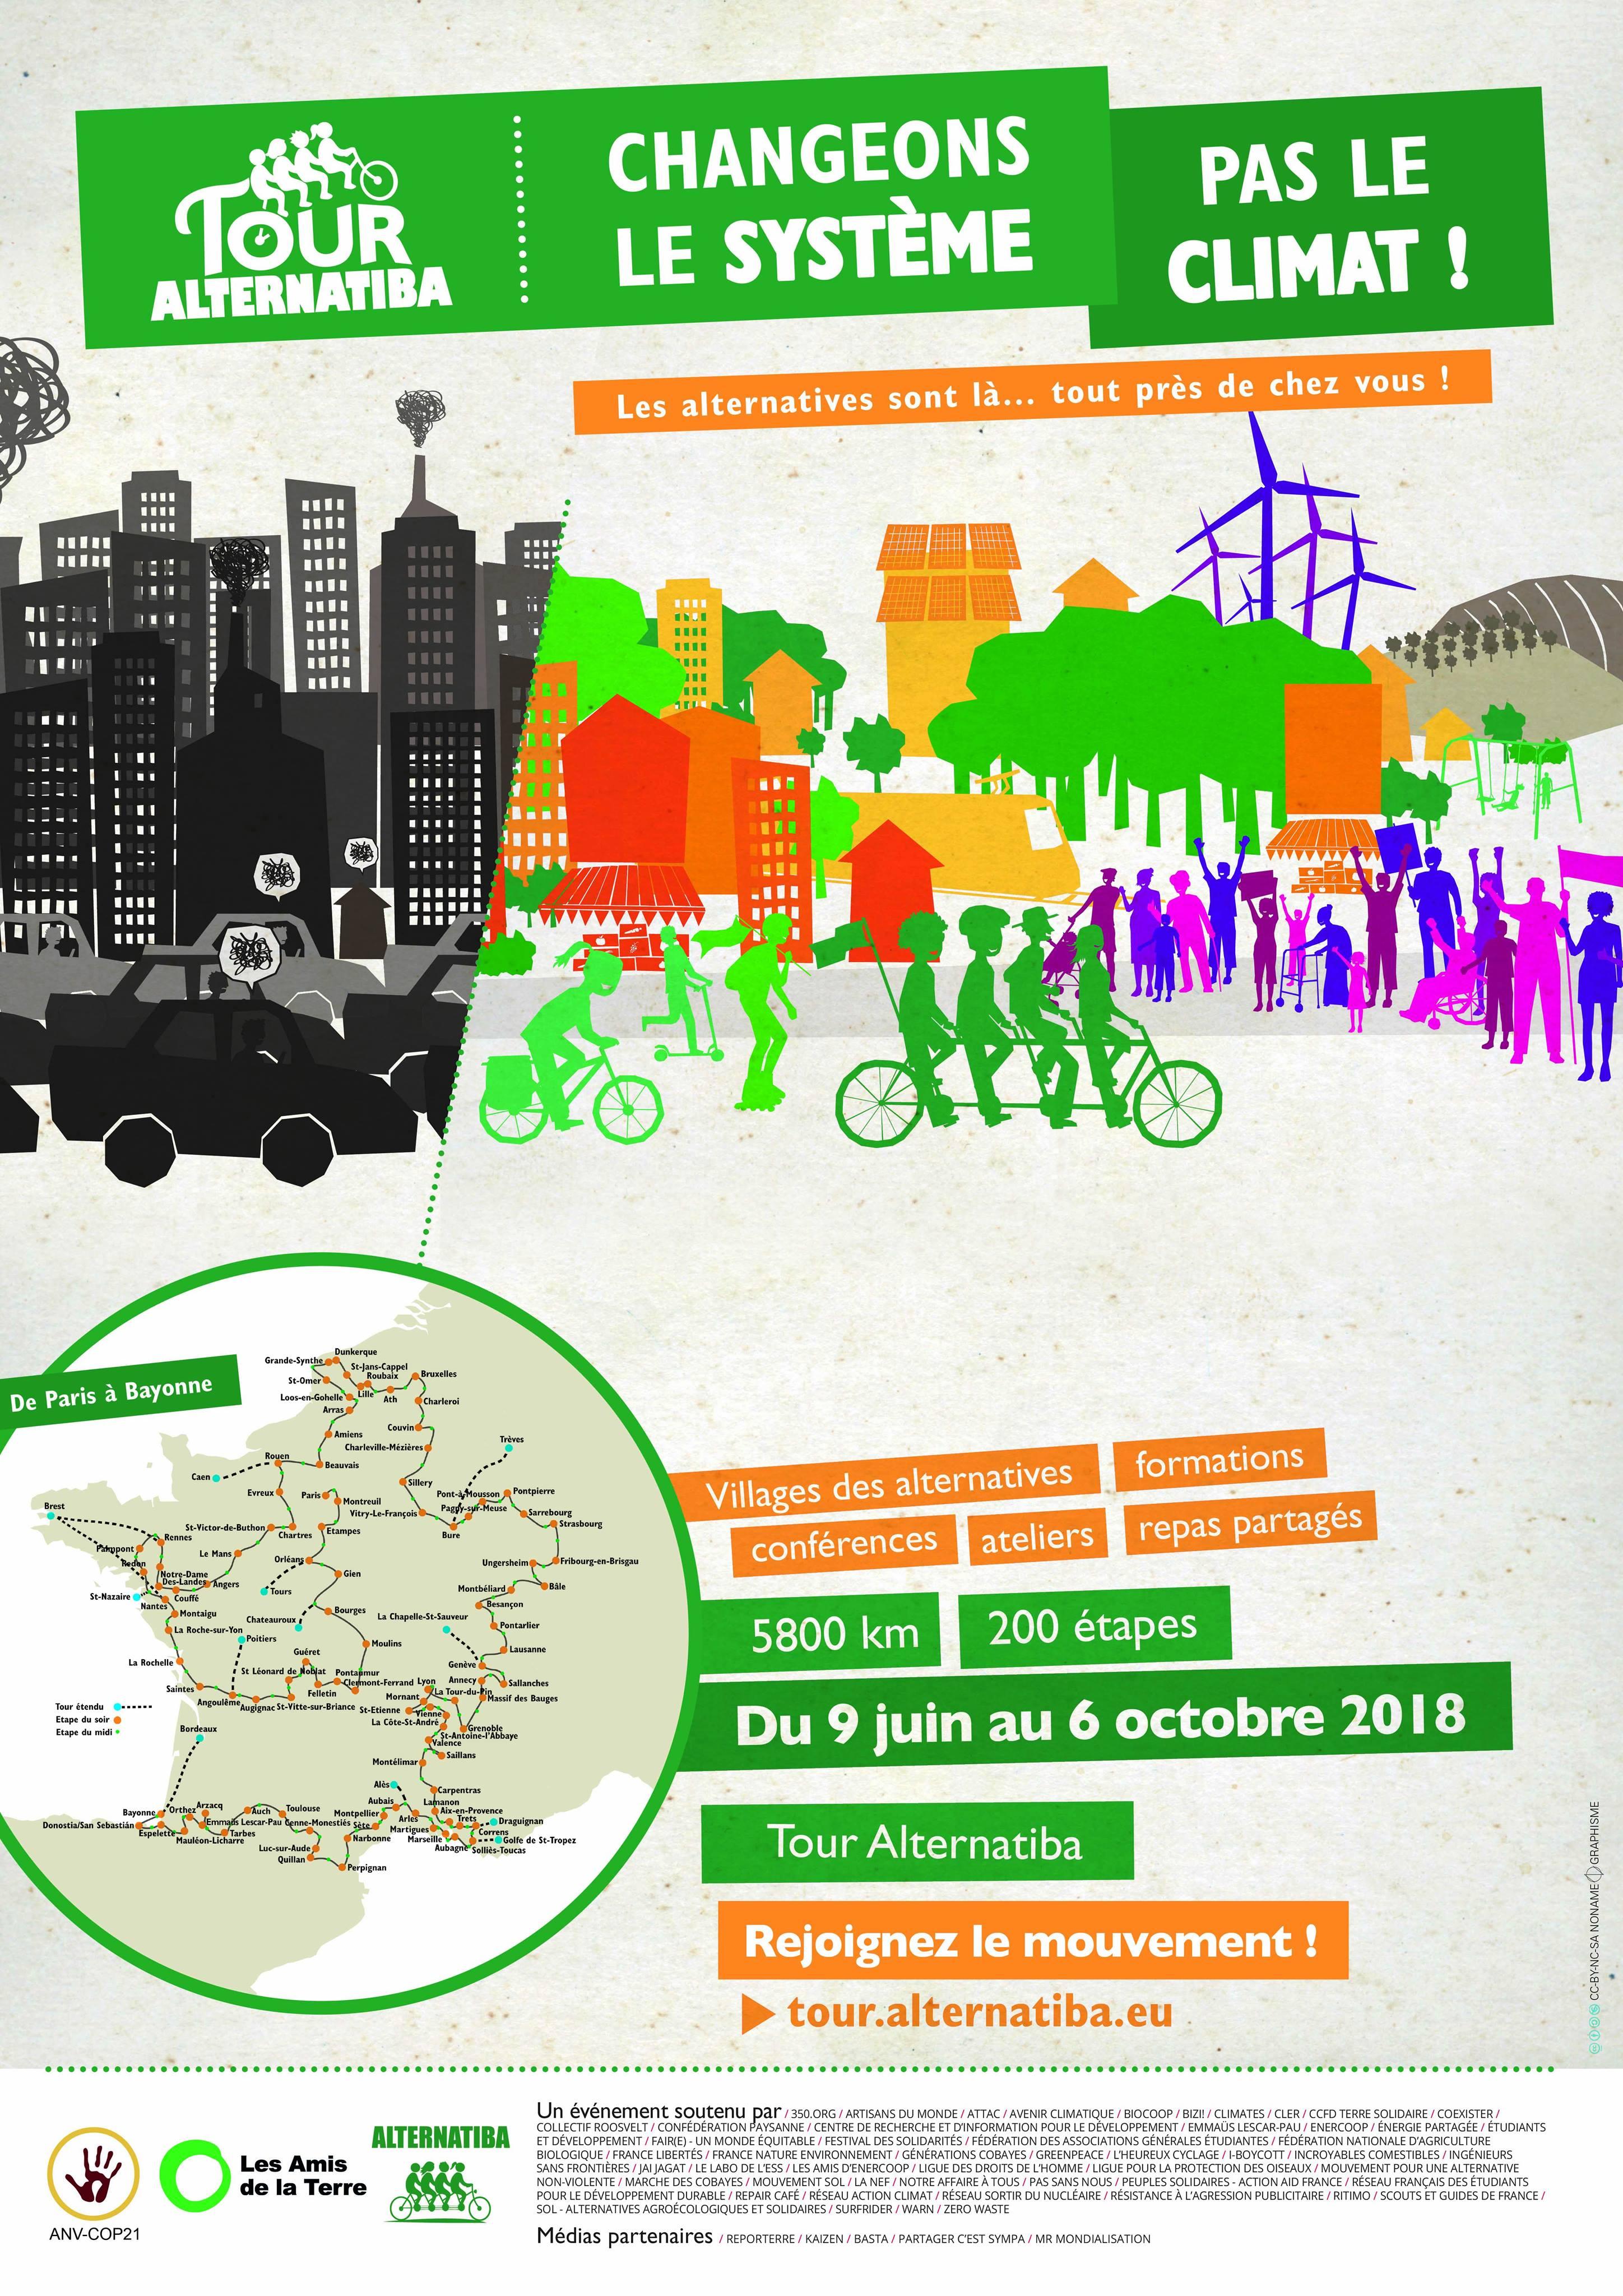 Affiche du tour alternatiba 2018 avec toutes les étapes en France